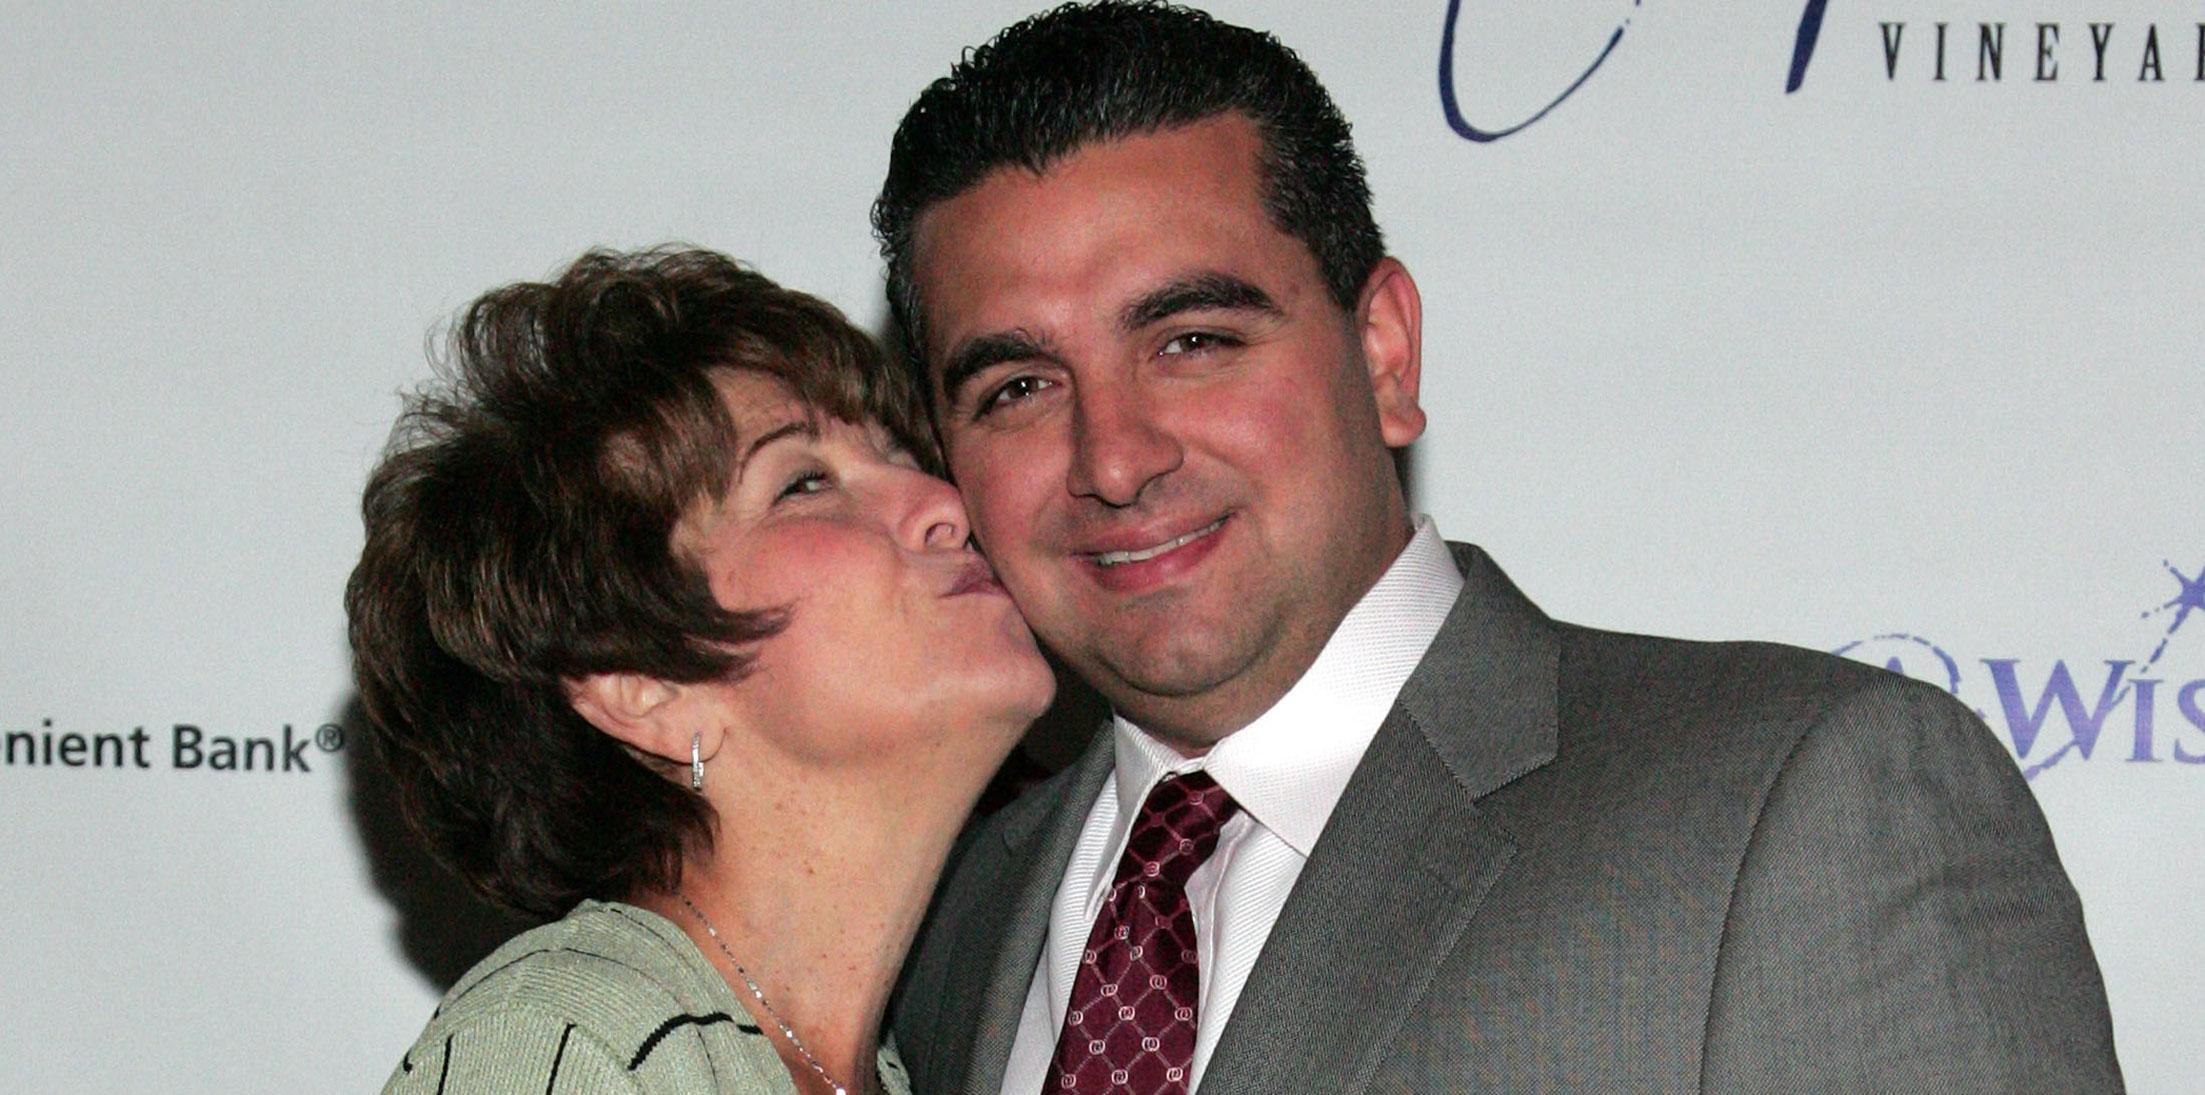 Cake Bossy Buddy Valastro Mom Death ALS Long